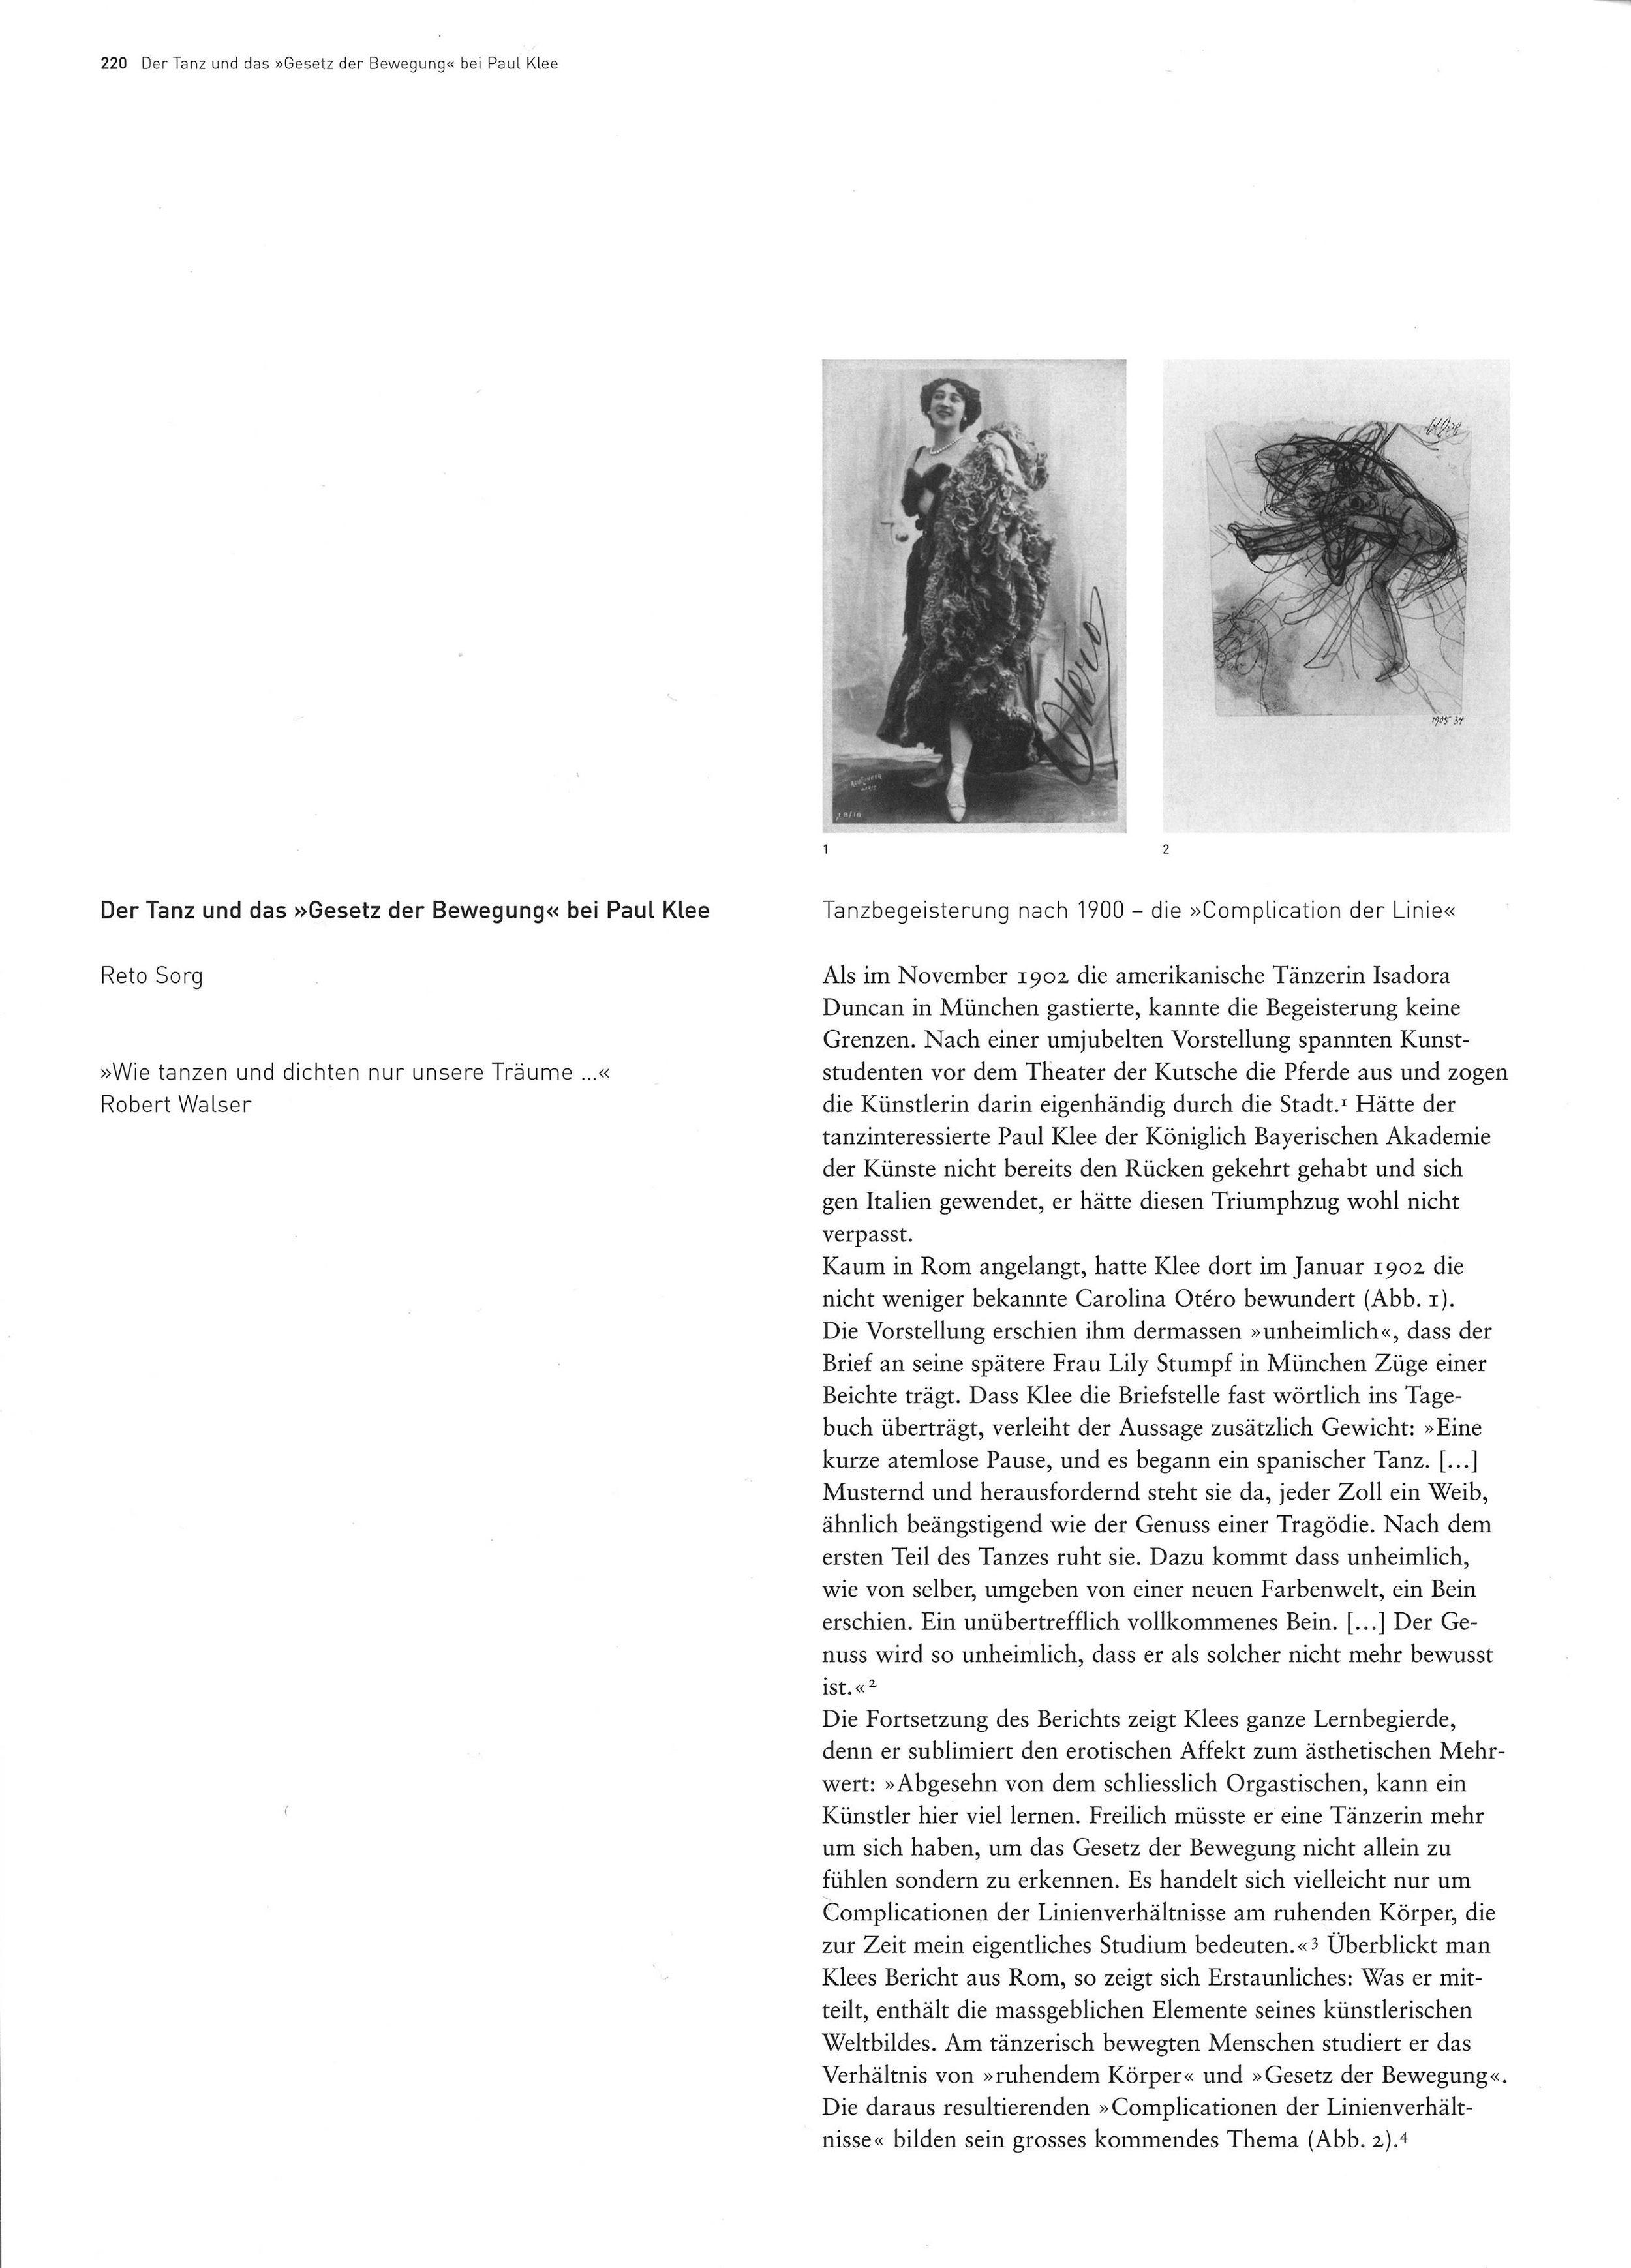 Reto Sorg, Der Tanz und das »Gesetz der Bewegung«bei Paul Klee , in: Ausst.-Kat. Paul Klee. Überall Theater , Zentrum Paul Klee, Bern, 28.6. - 14.10.2007, S. 220–226.   Download